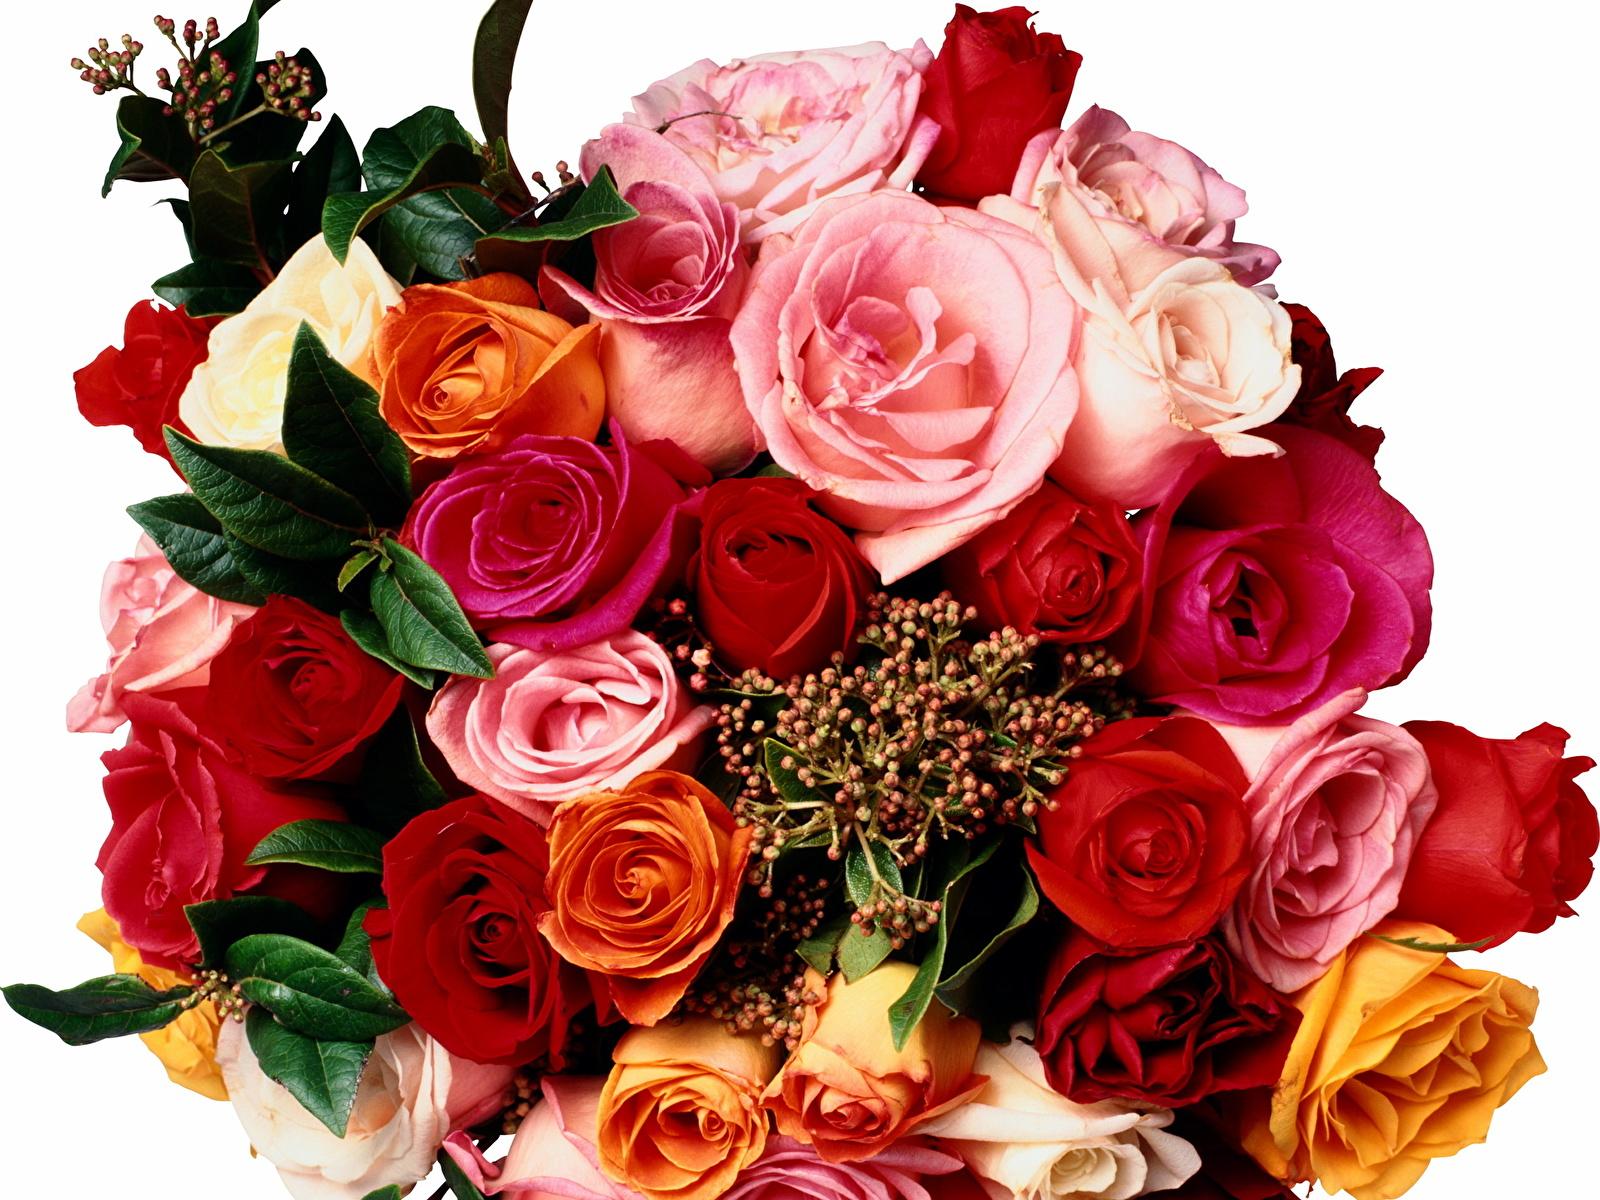 Фото букетов роз с поздравлениями